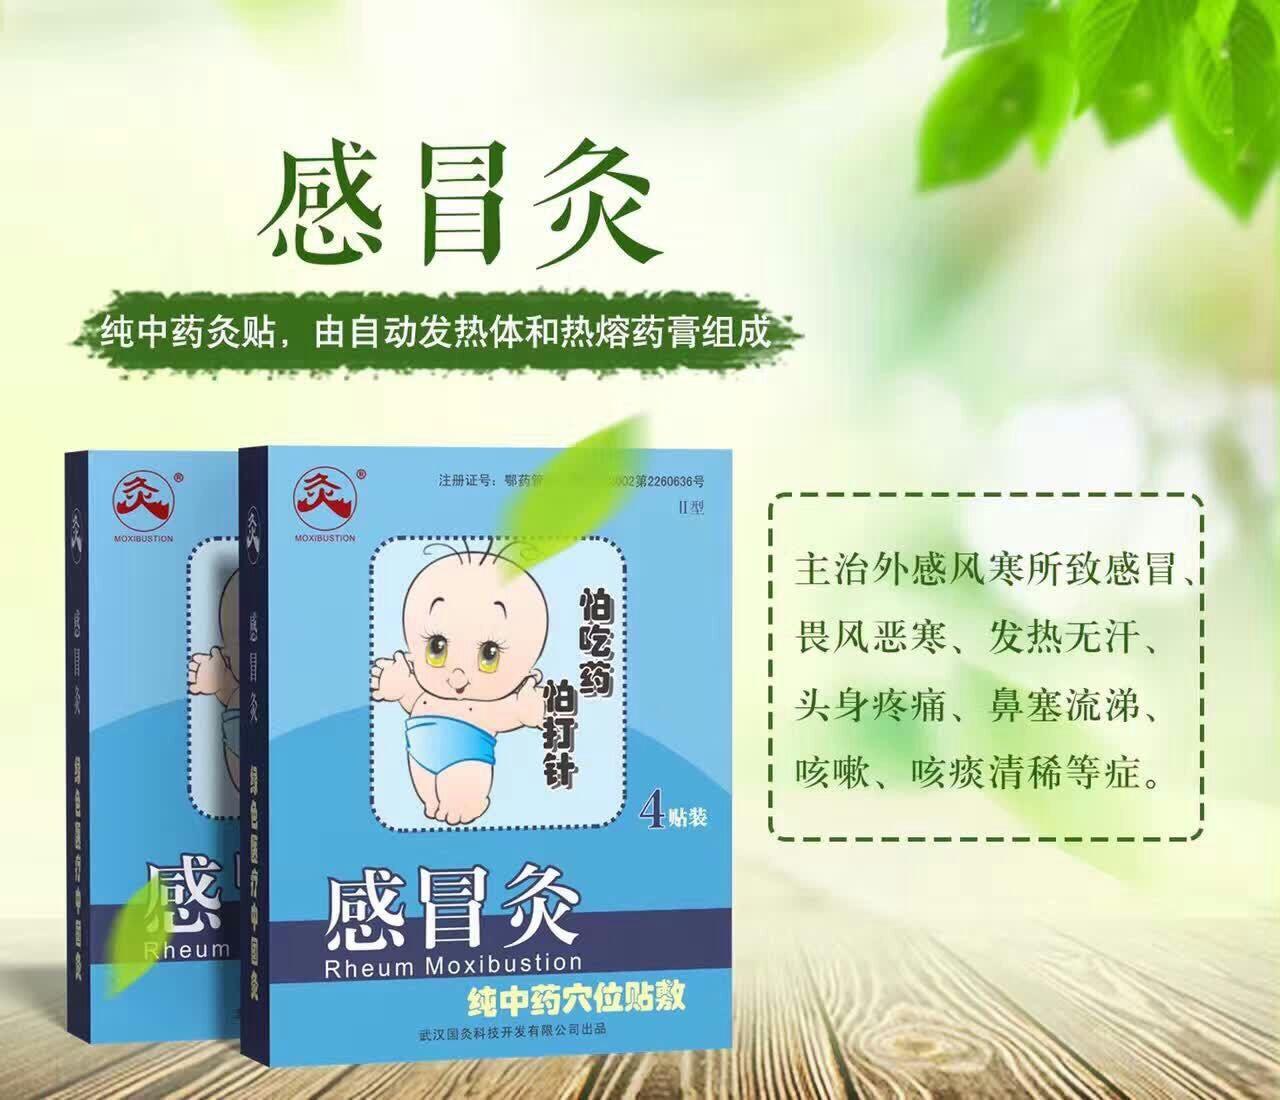 来自李永乐发布的供应信息:中国灸,由武汉国灸科技出品,结合灸疗、热... - 武汉国灸科技开发有限公司